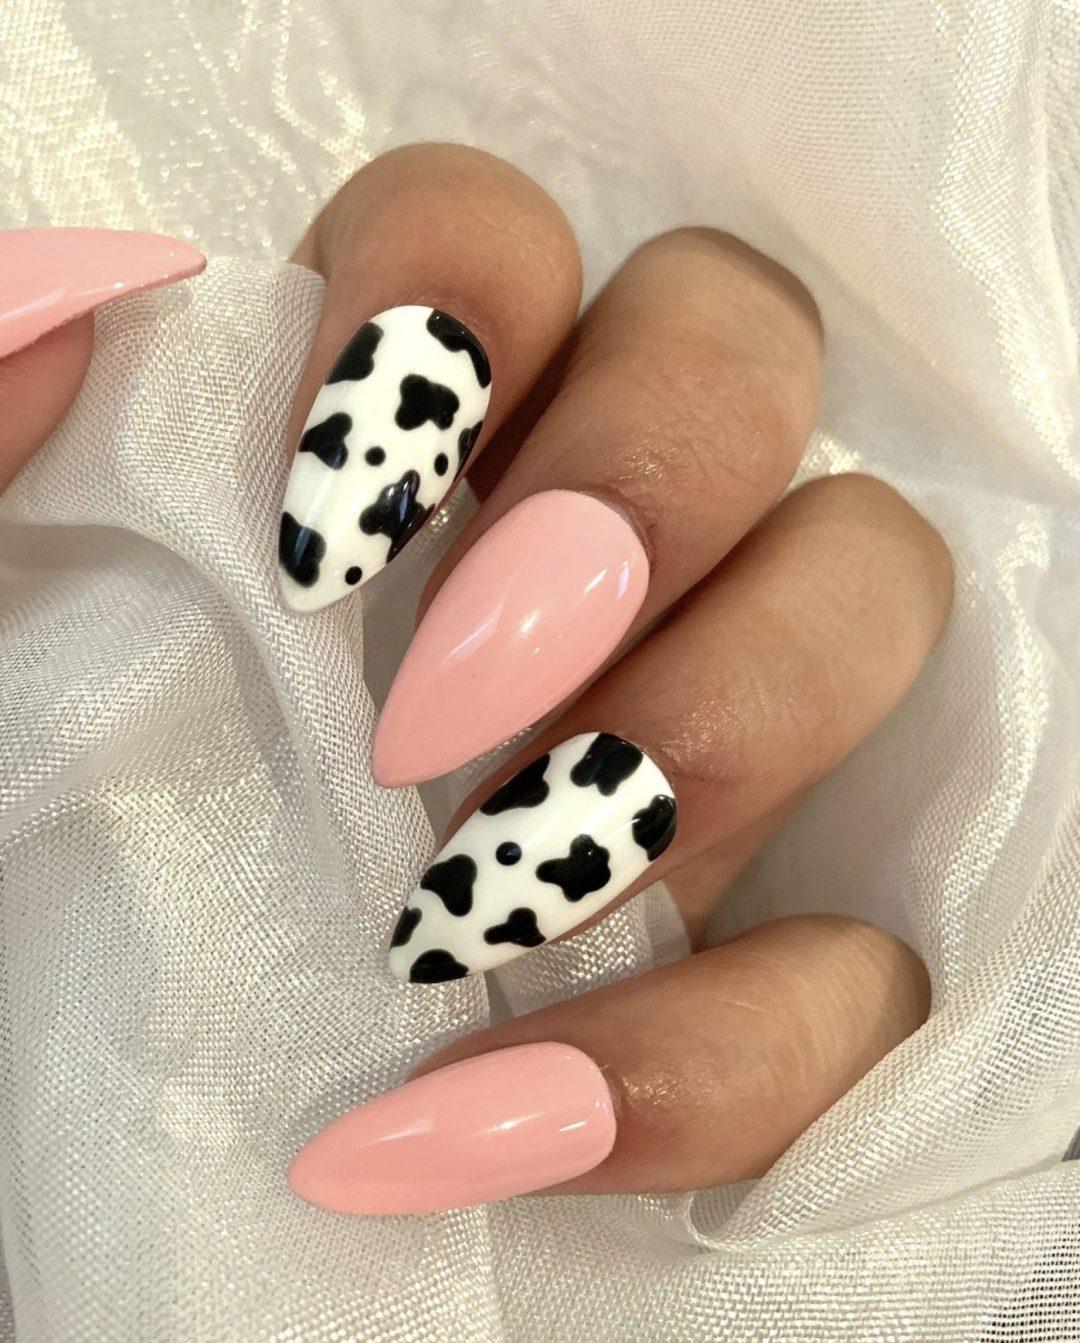 30+ Cute Cow Print Nail Designs That You'll Love